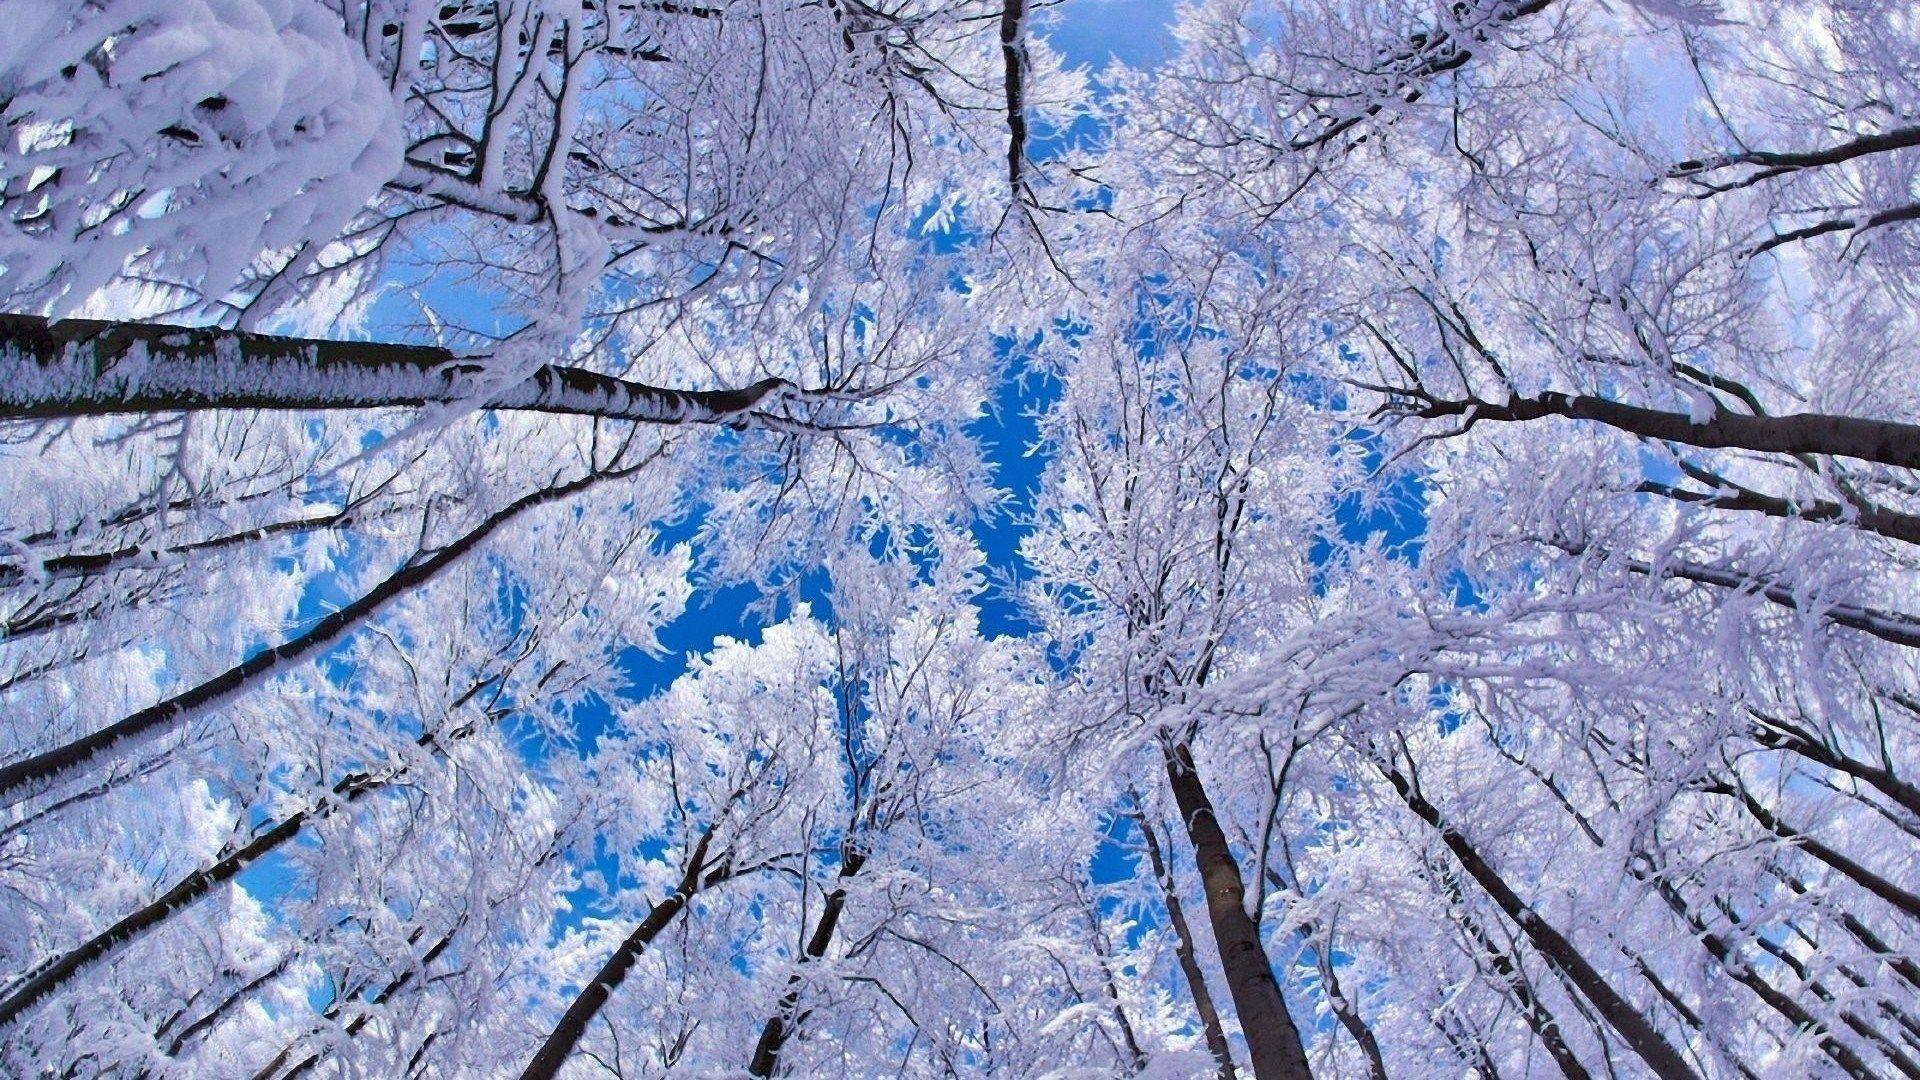 Winter Desktop Backgrounds Wallpaper Winter Category Nature Wallpaper Forest Photos Winter Wallpaper